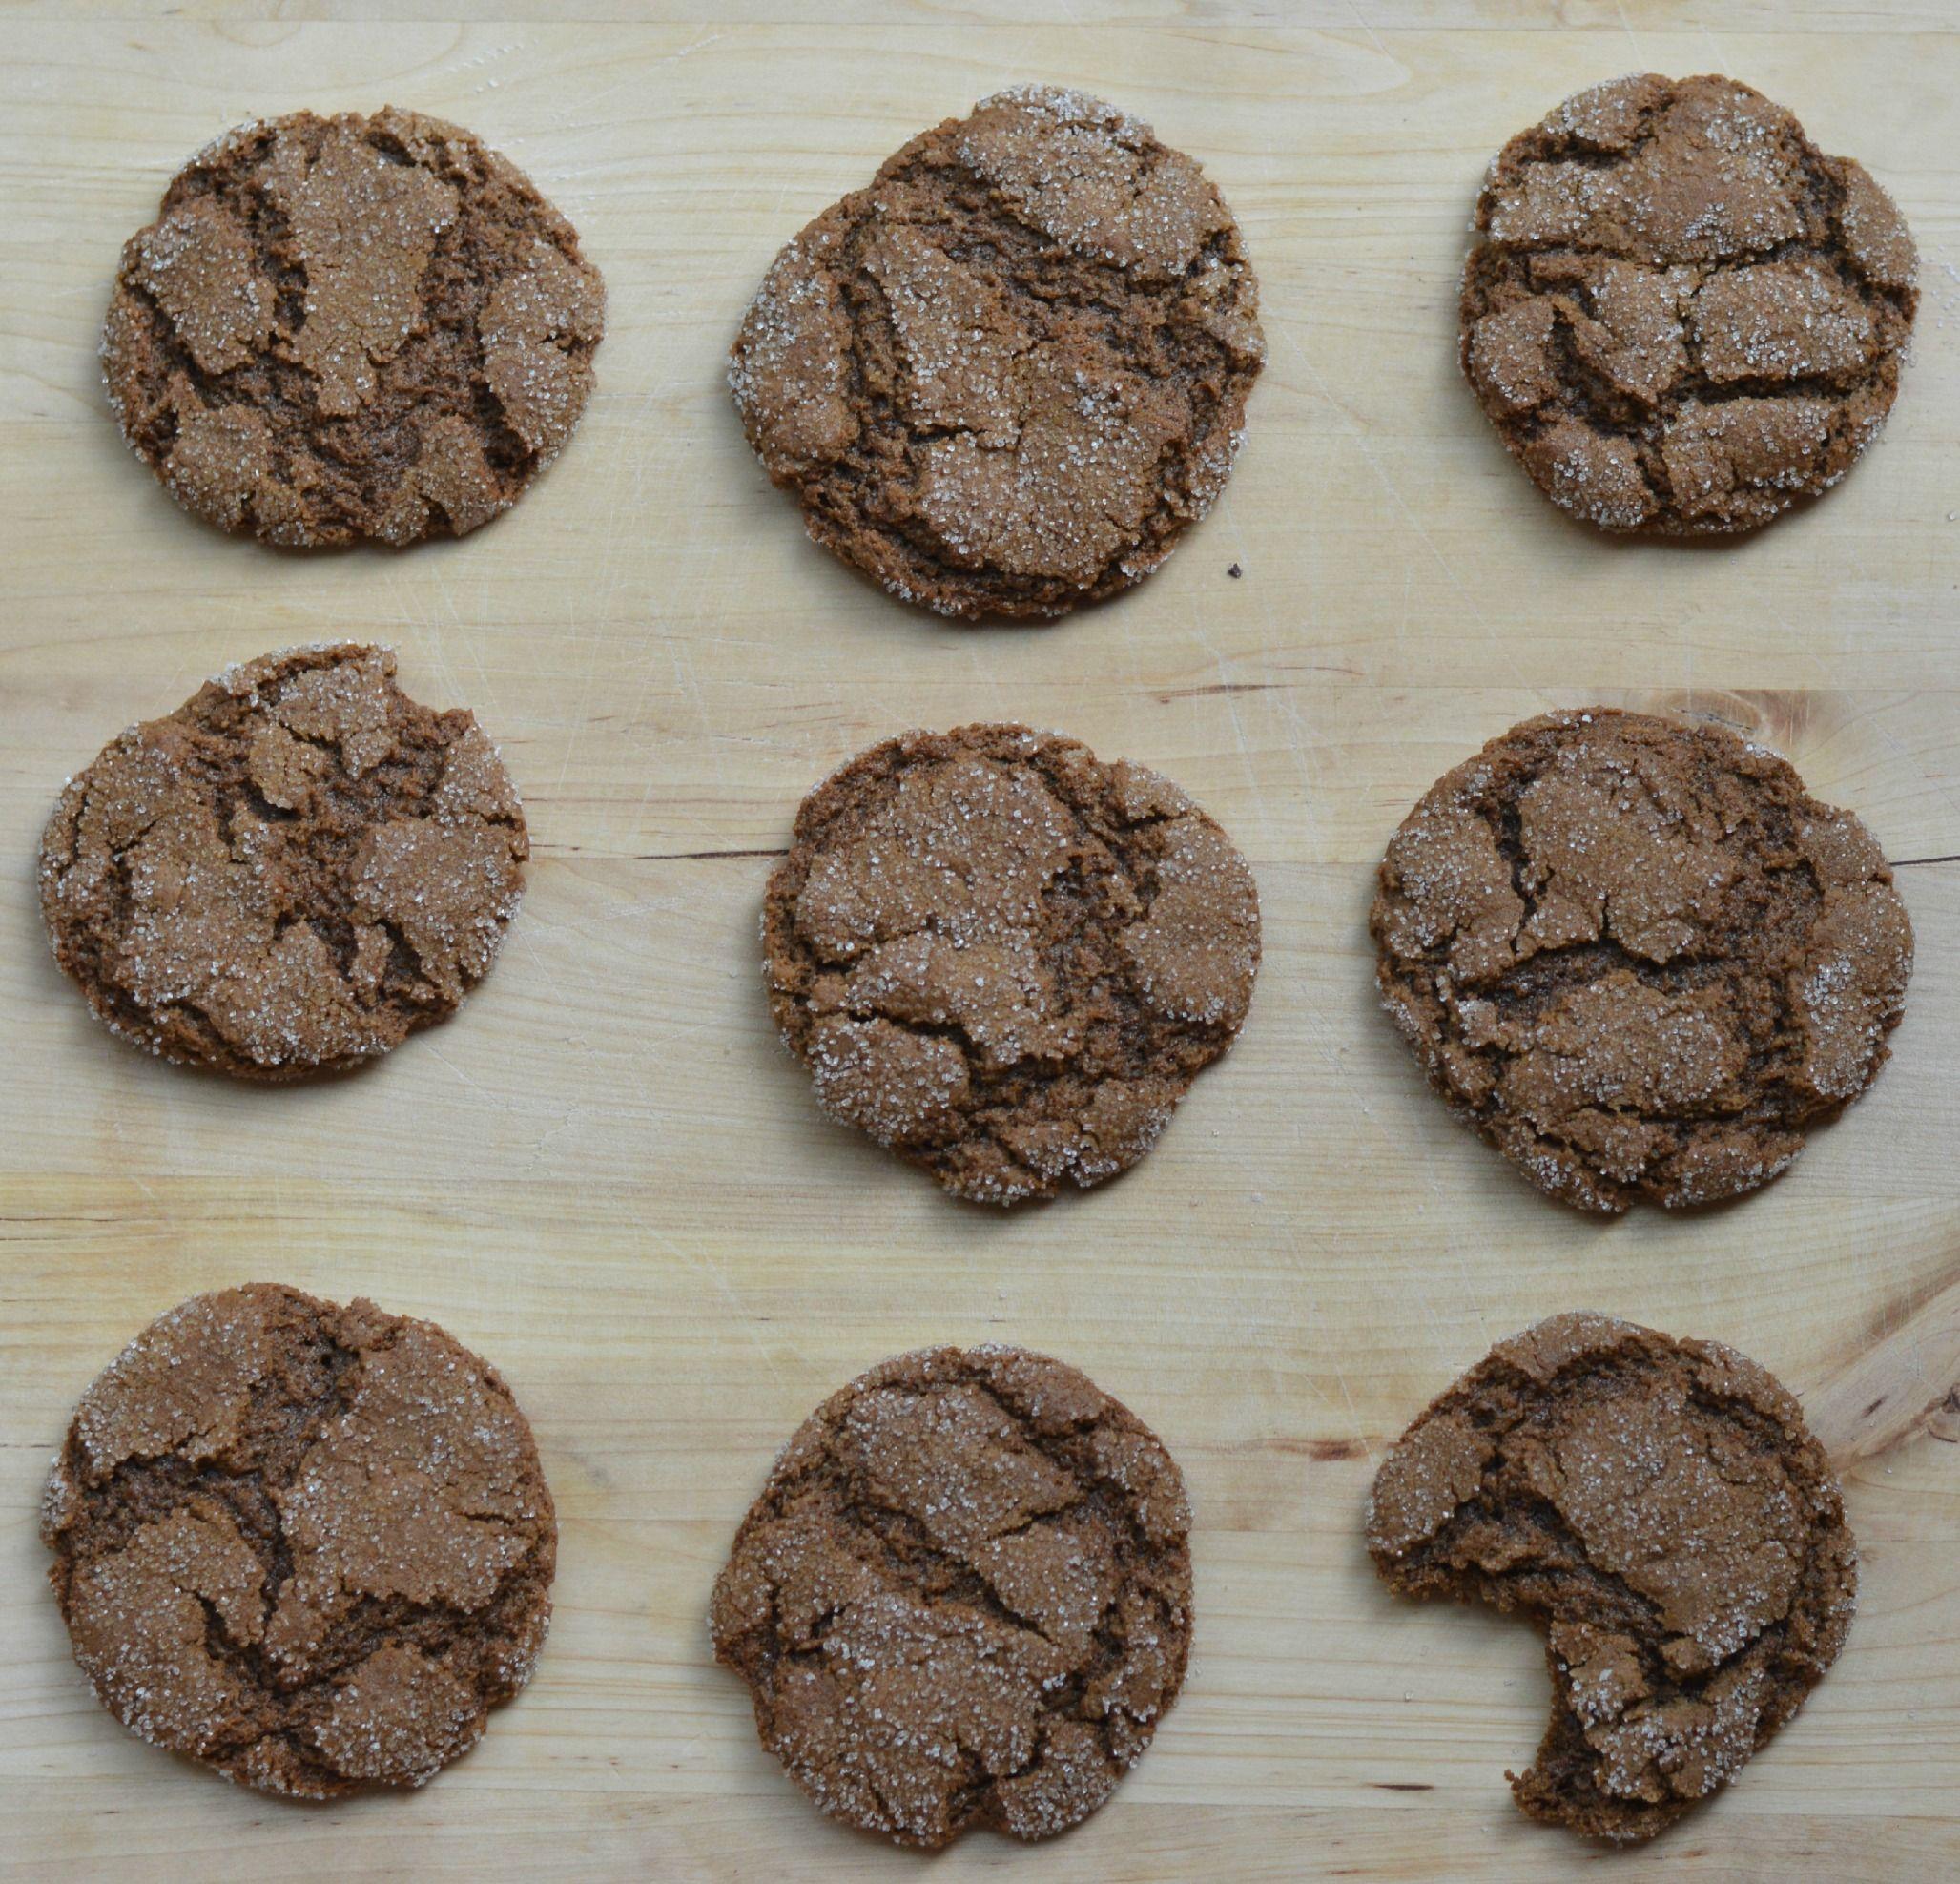 Mrs. Buerschaper's Molasses Crinkles